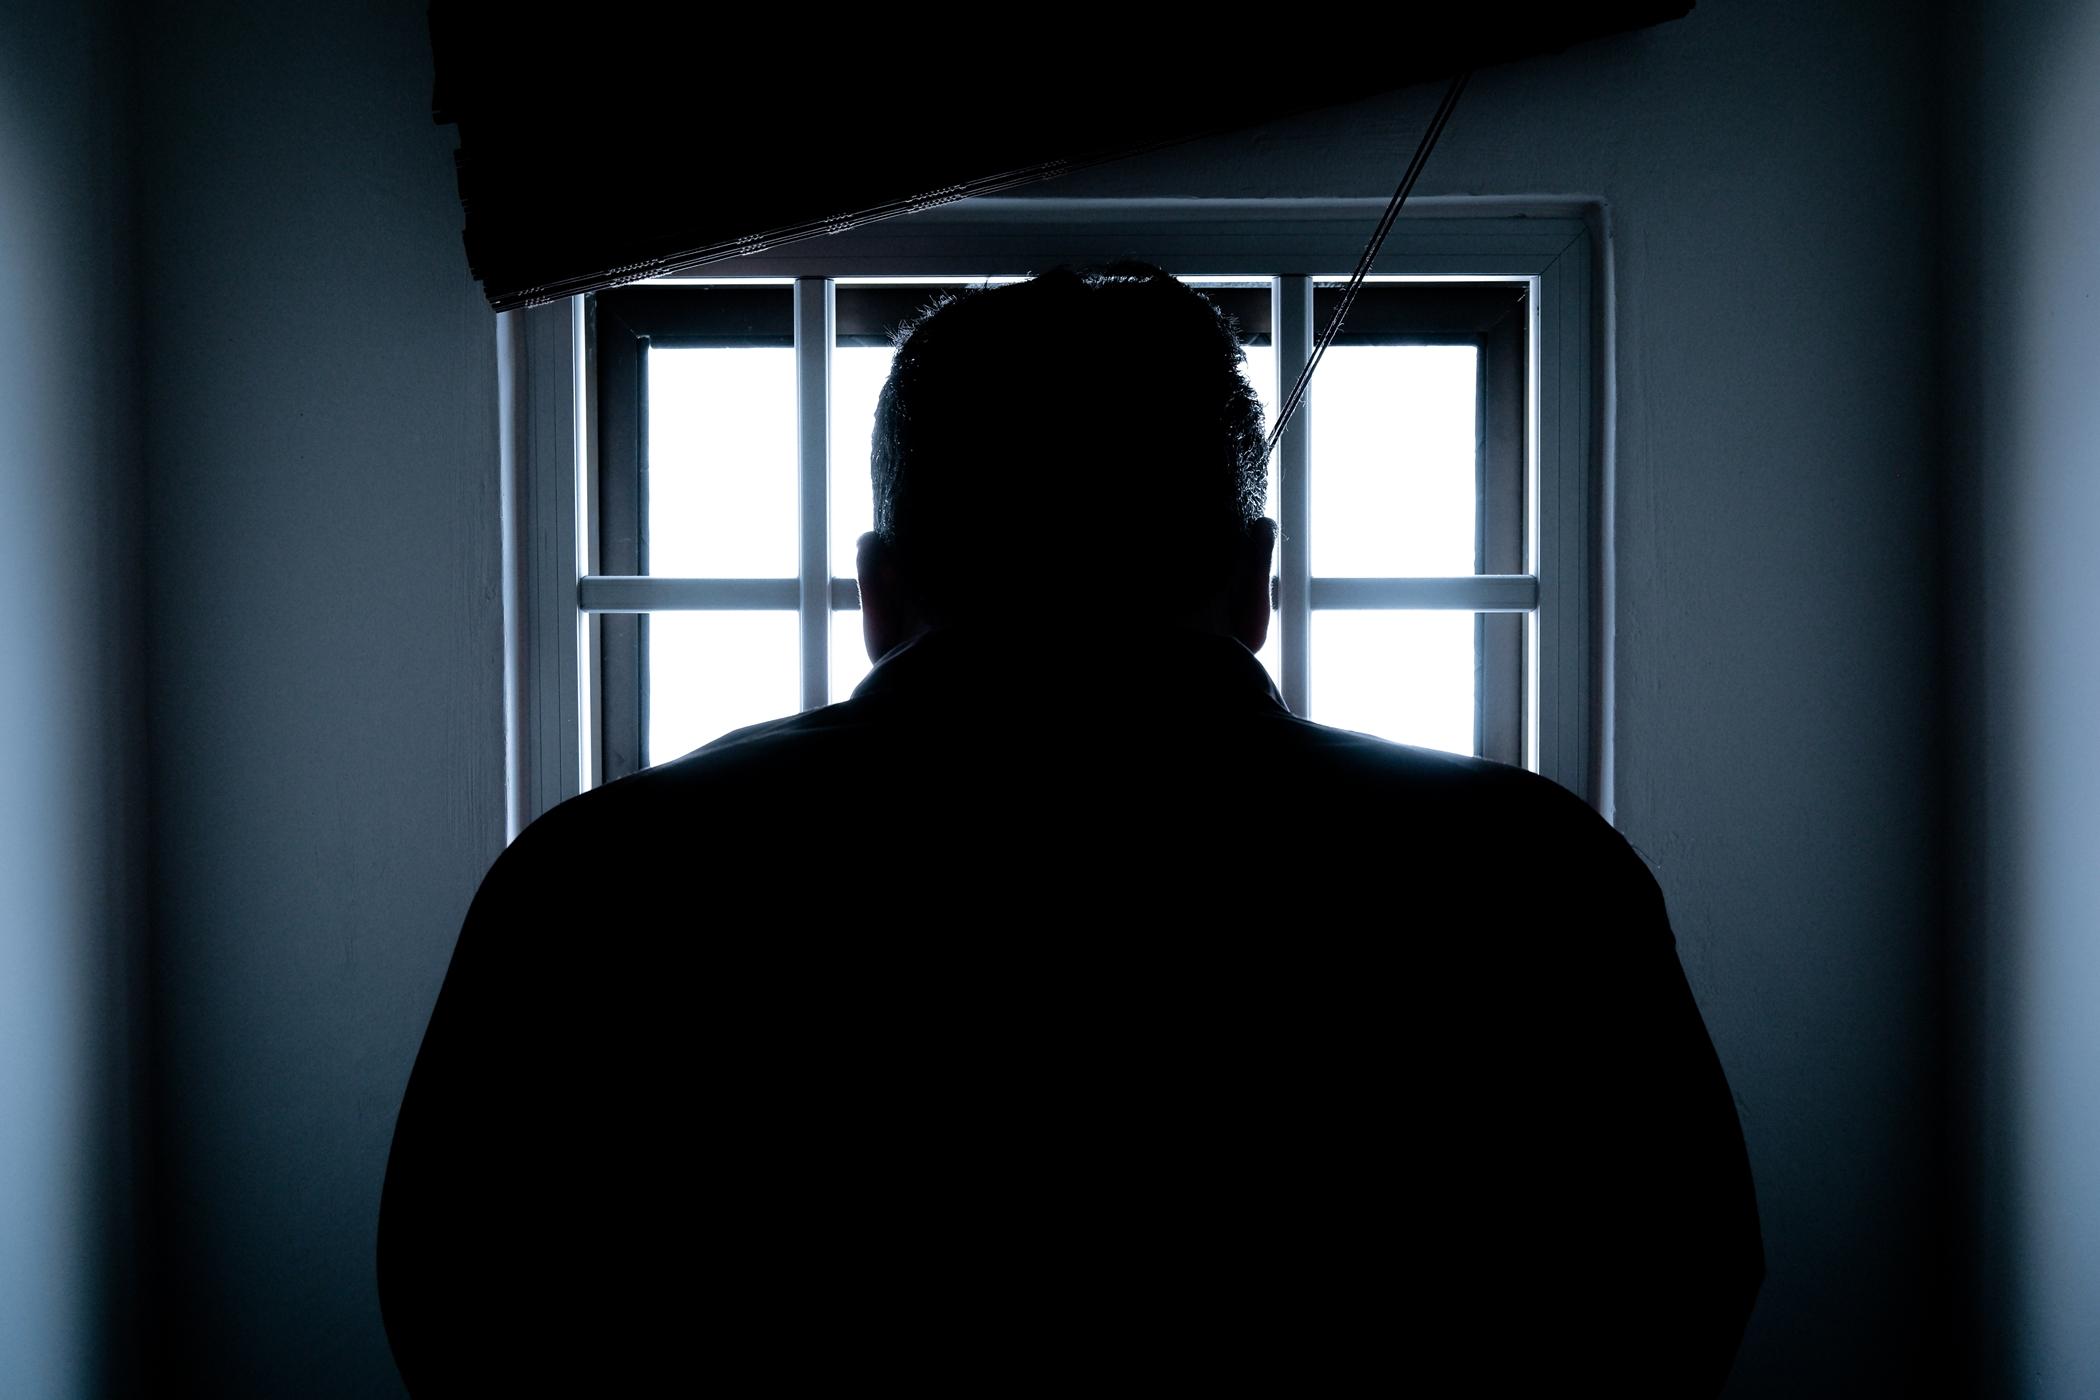 vězeň - věznice